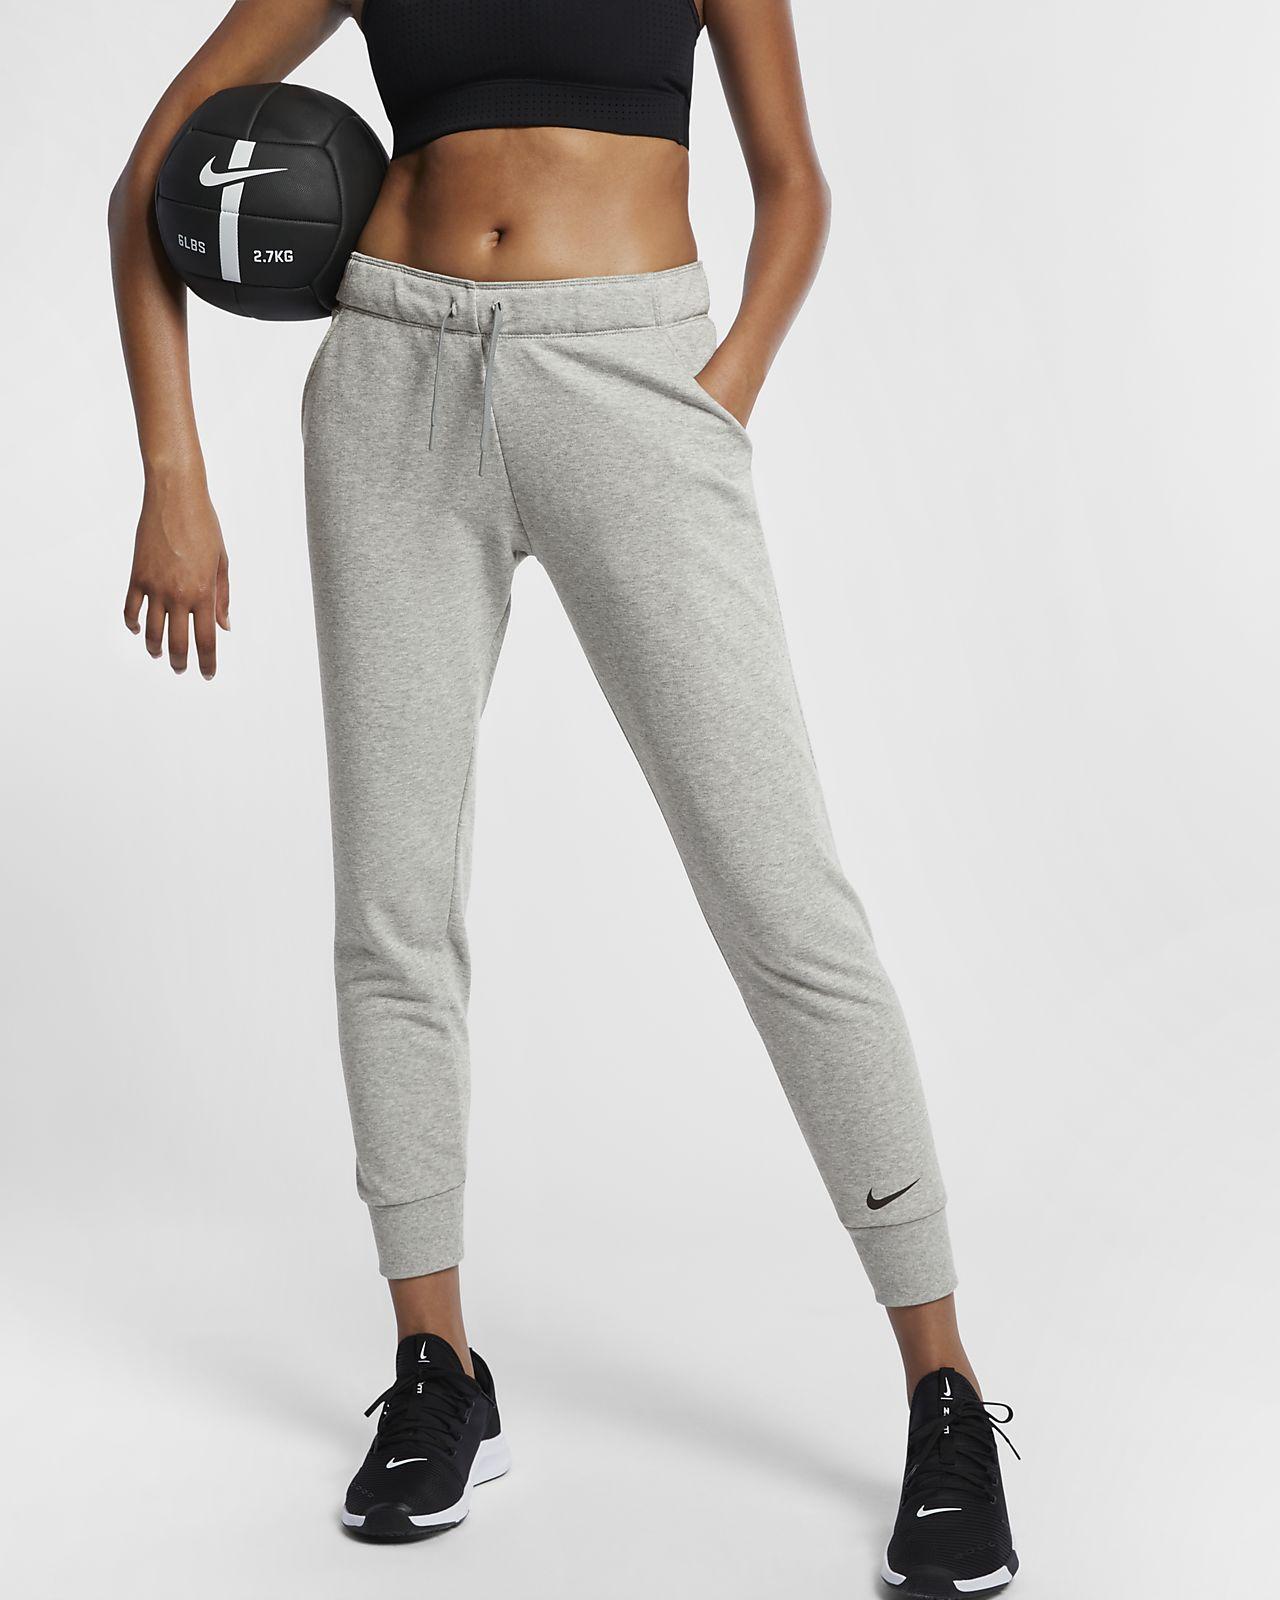 Nike Dri-FIT Damen-Trainingshose